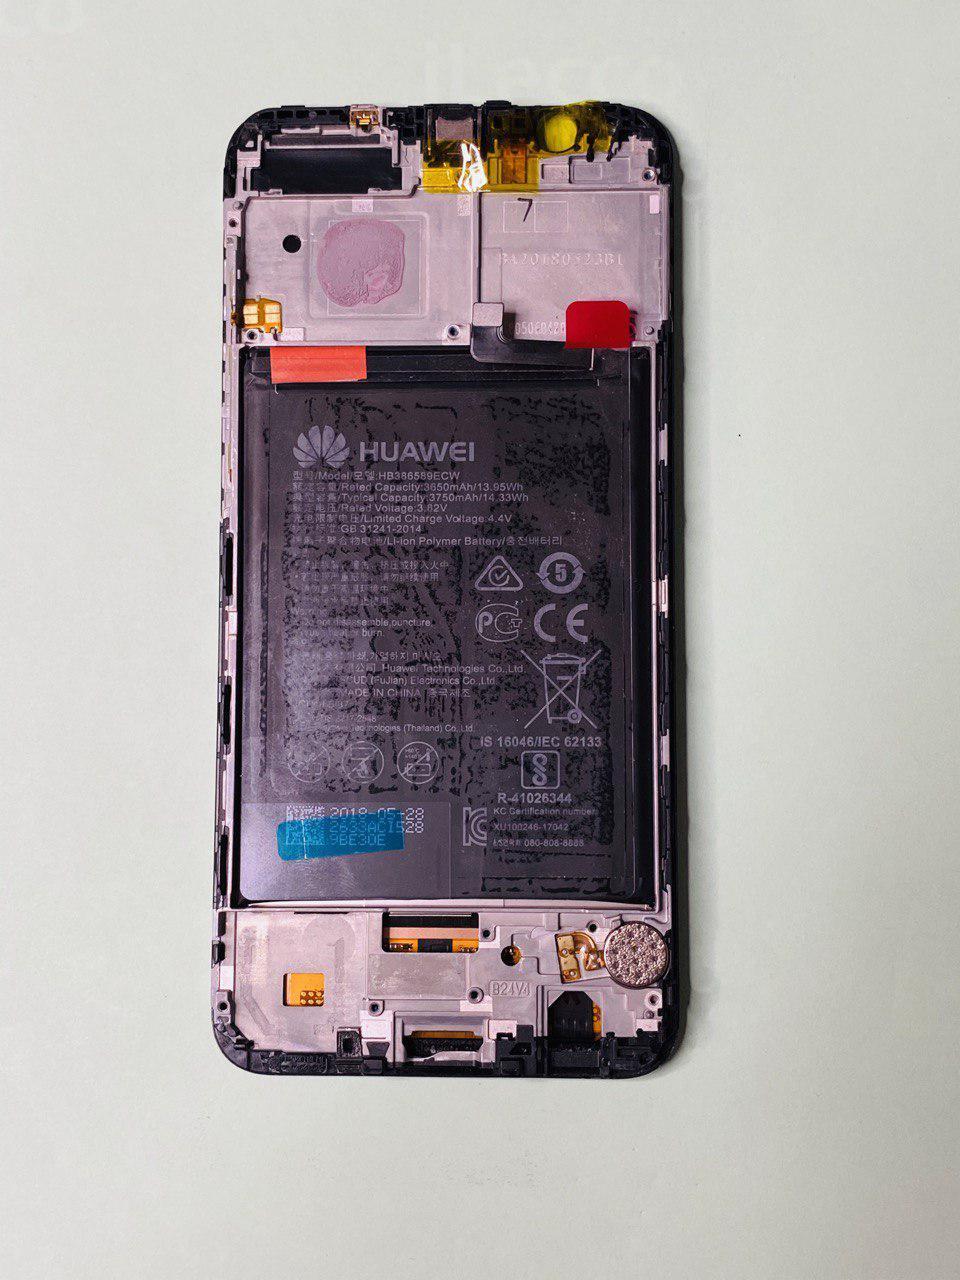 Assistenza Huawei a Oggiono. Cellulari e tablet fuori garanzia.